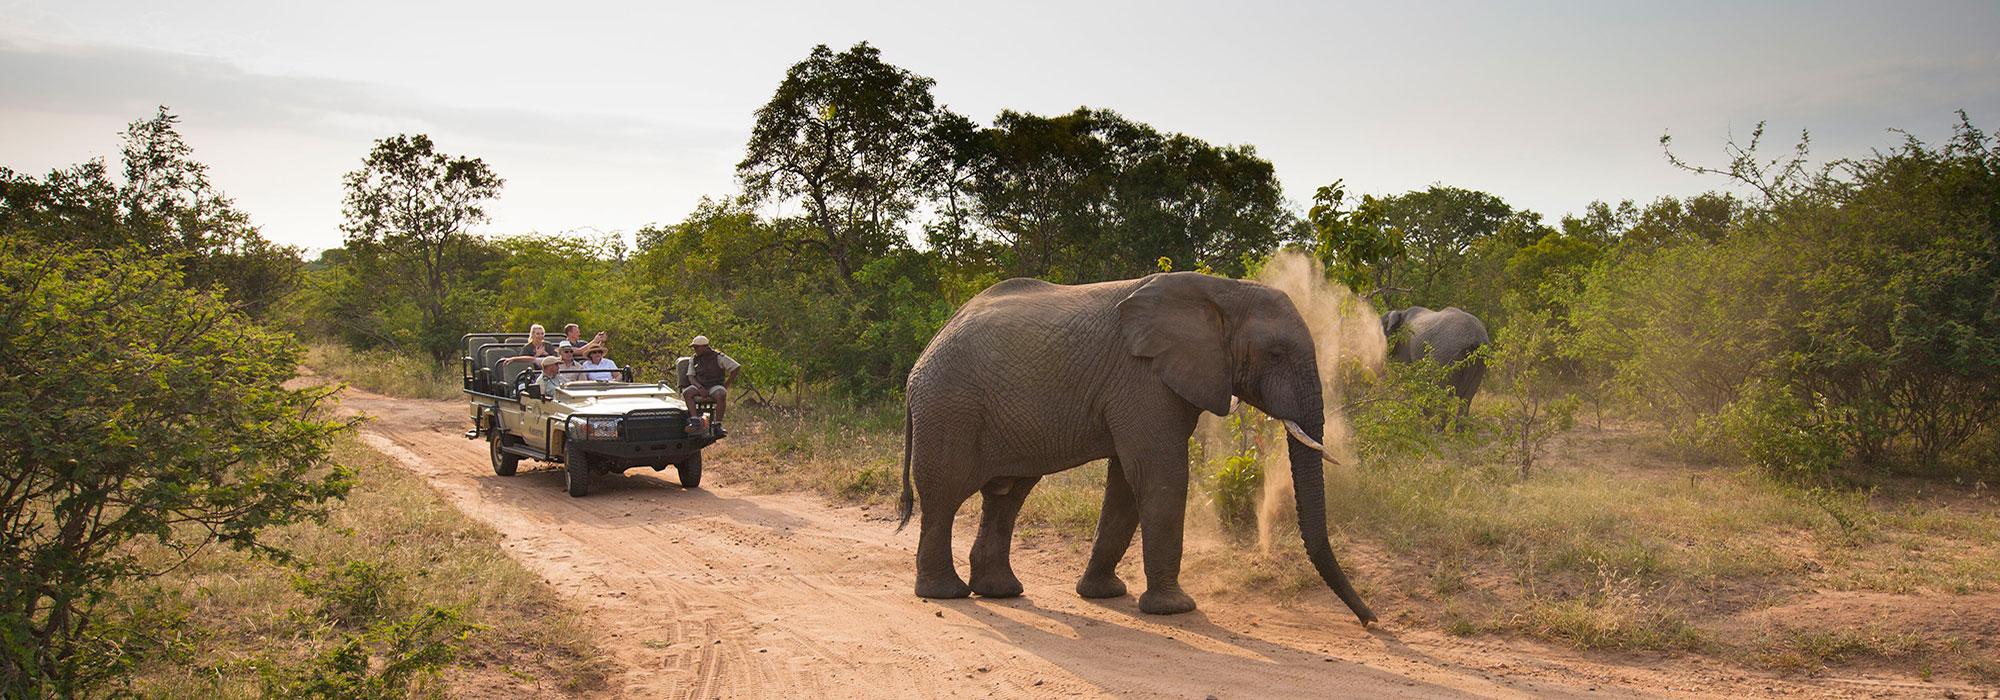 Safari Game Drive at Kapama